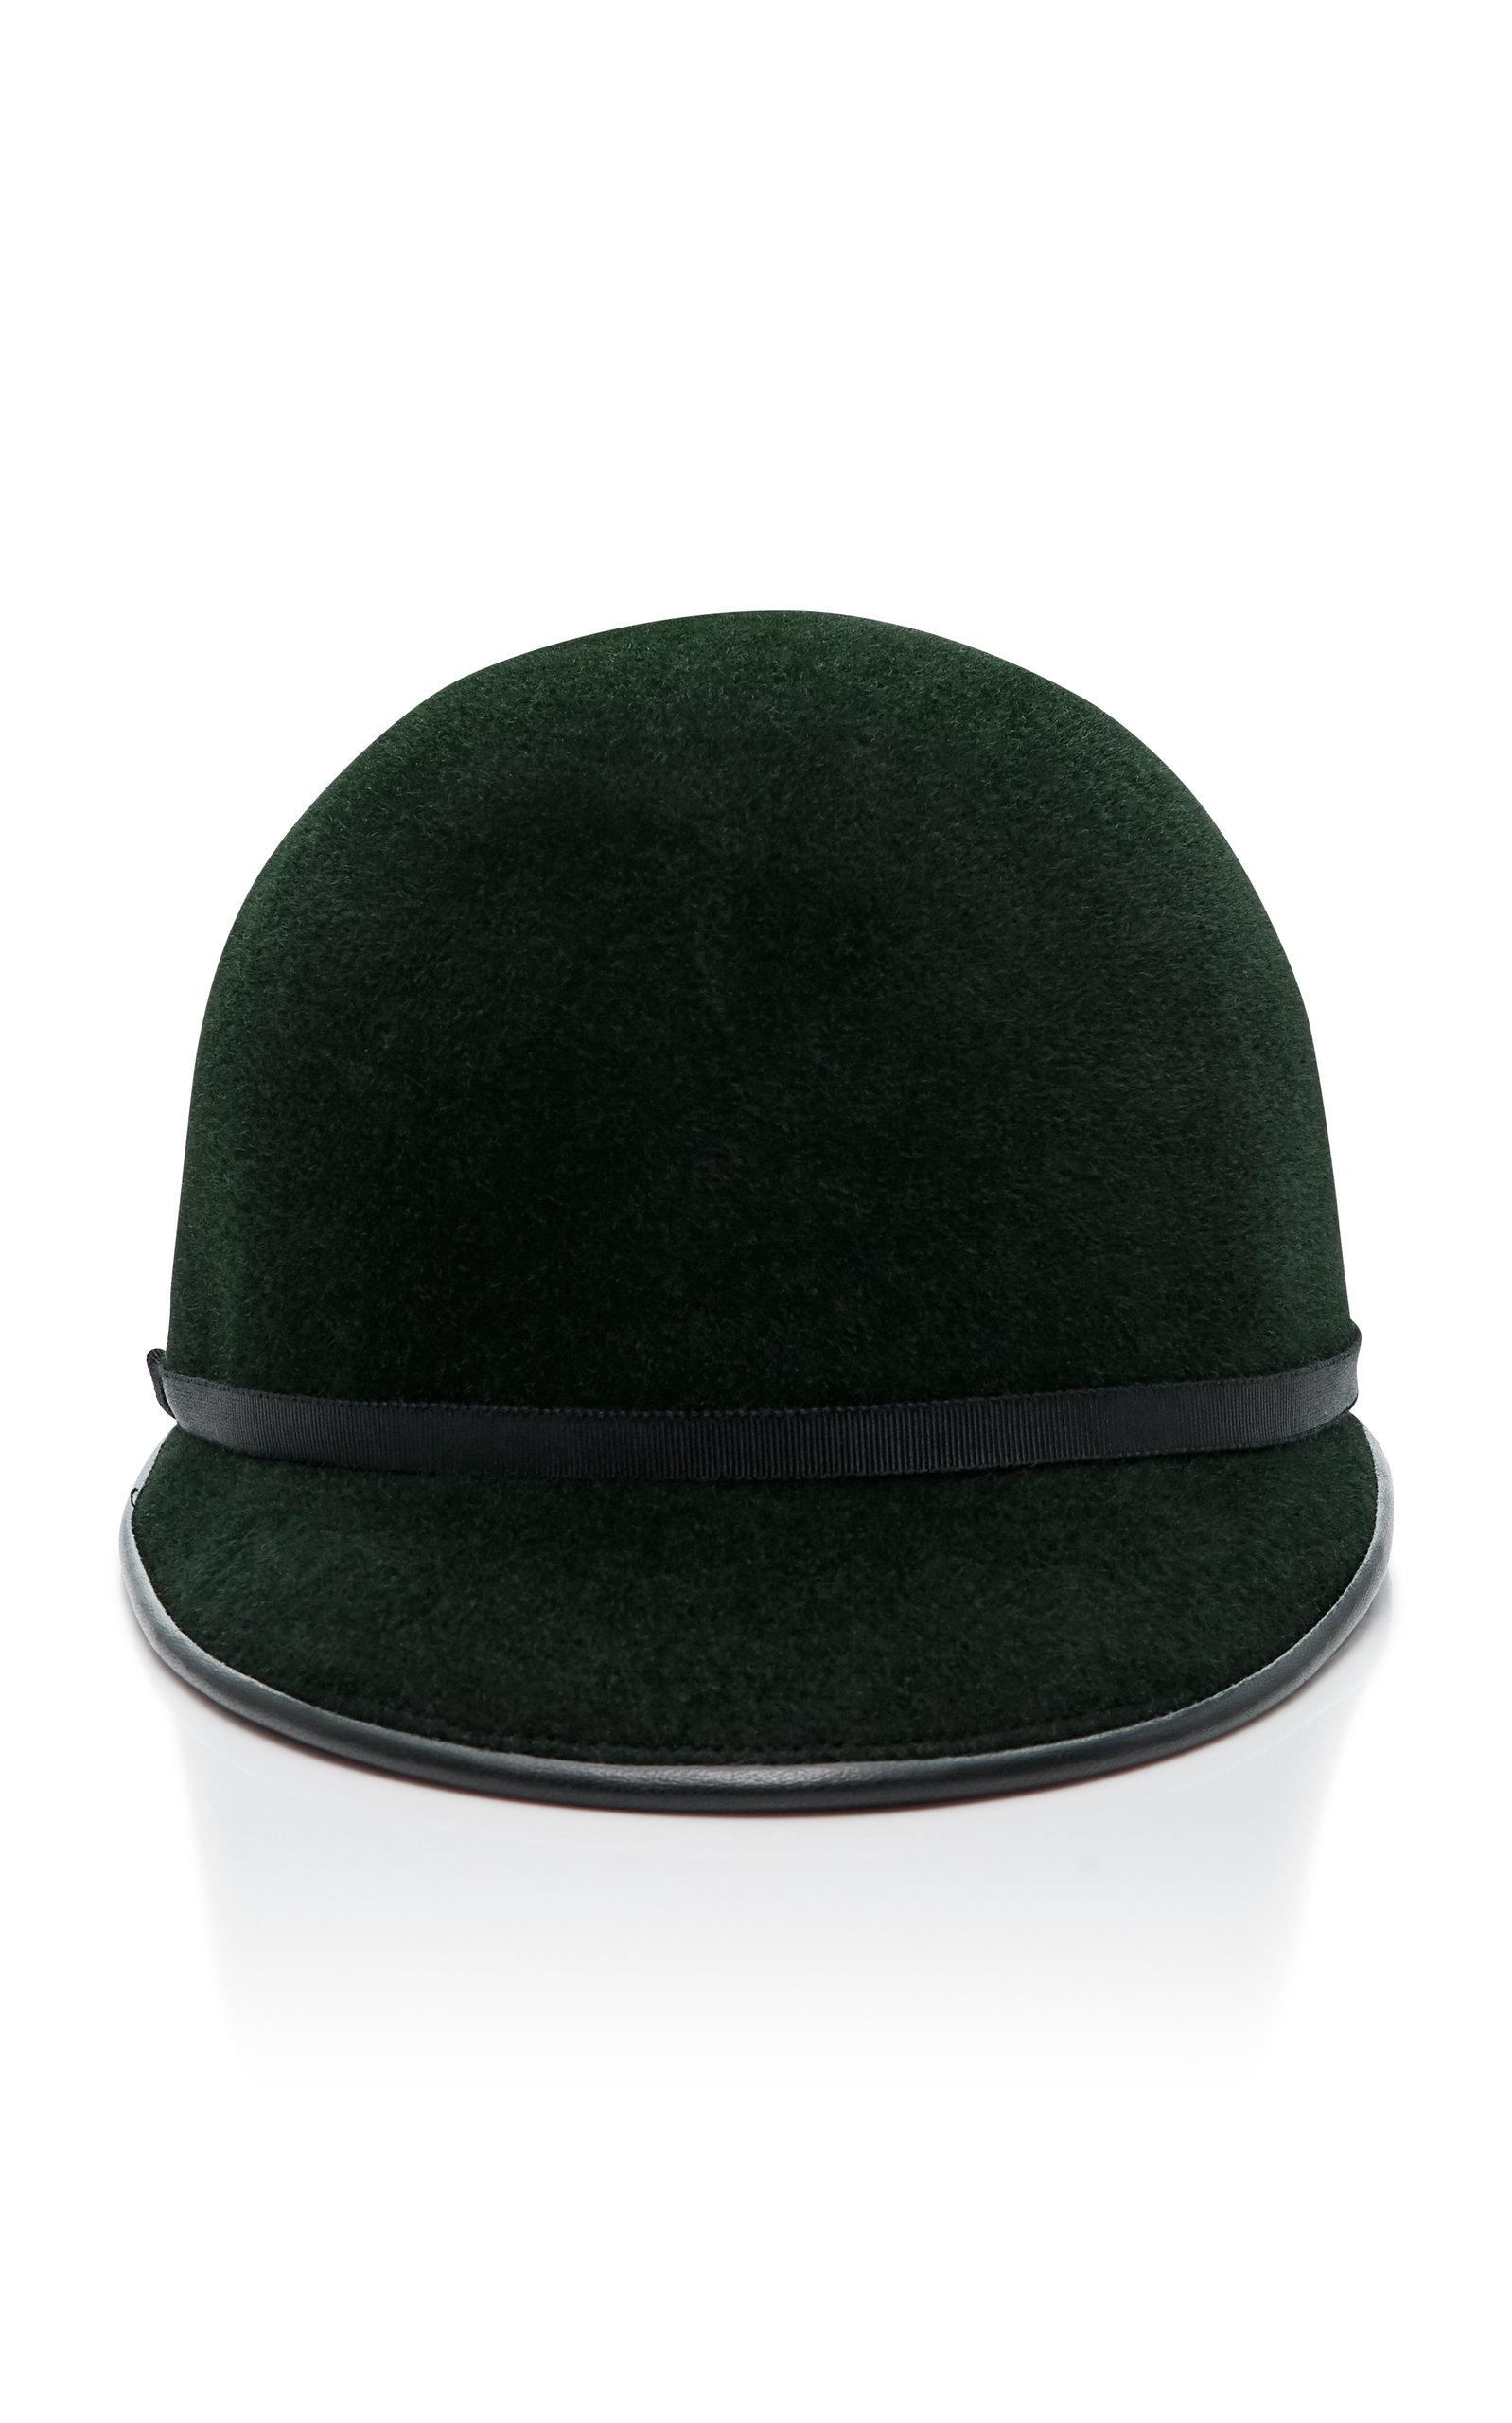 MELBOURNE VELVET CAP